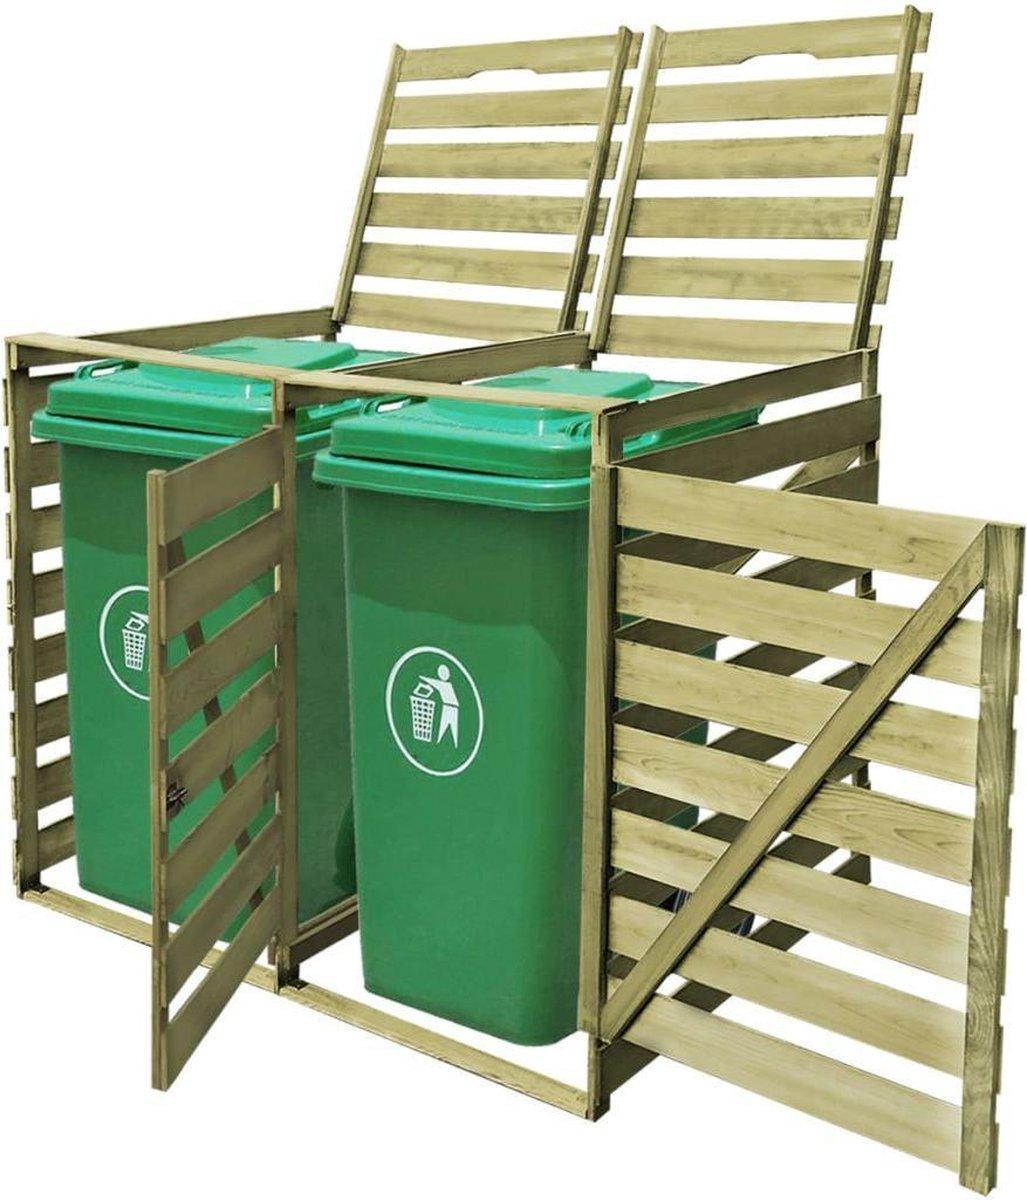 VidaXL Containerberging dubbel 240 L geïmpregneerd hout online kopen